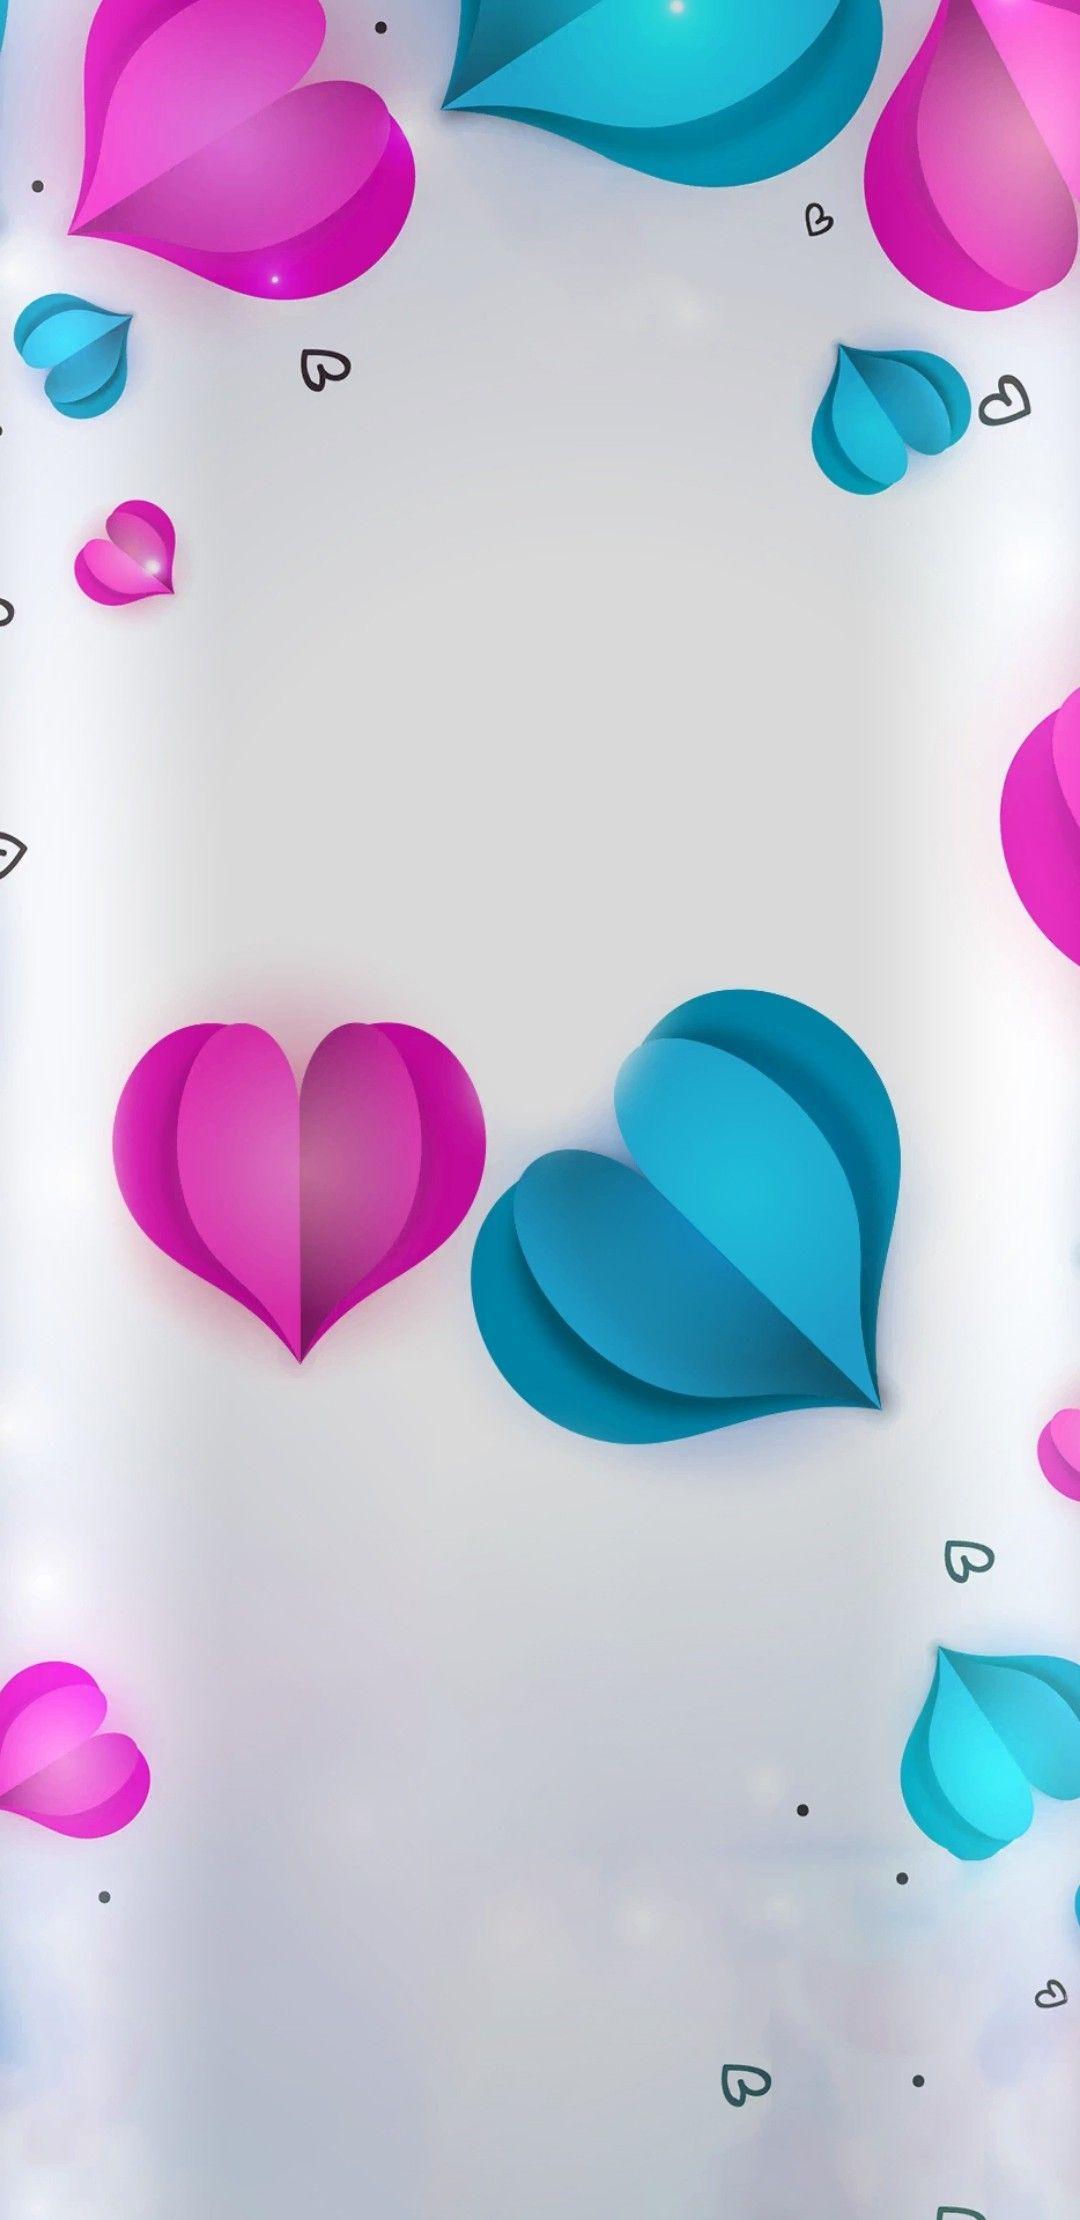 Pin By Arissam Braquel On Heart In 2019 Heart Wallpaper